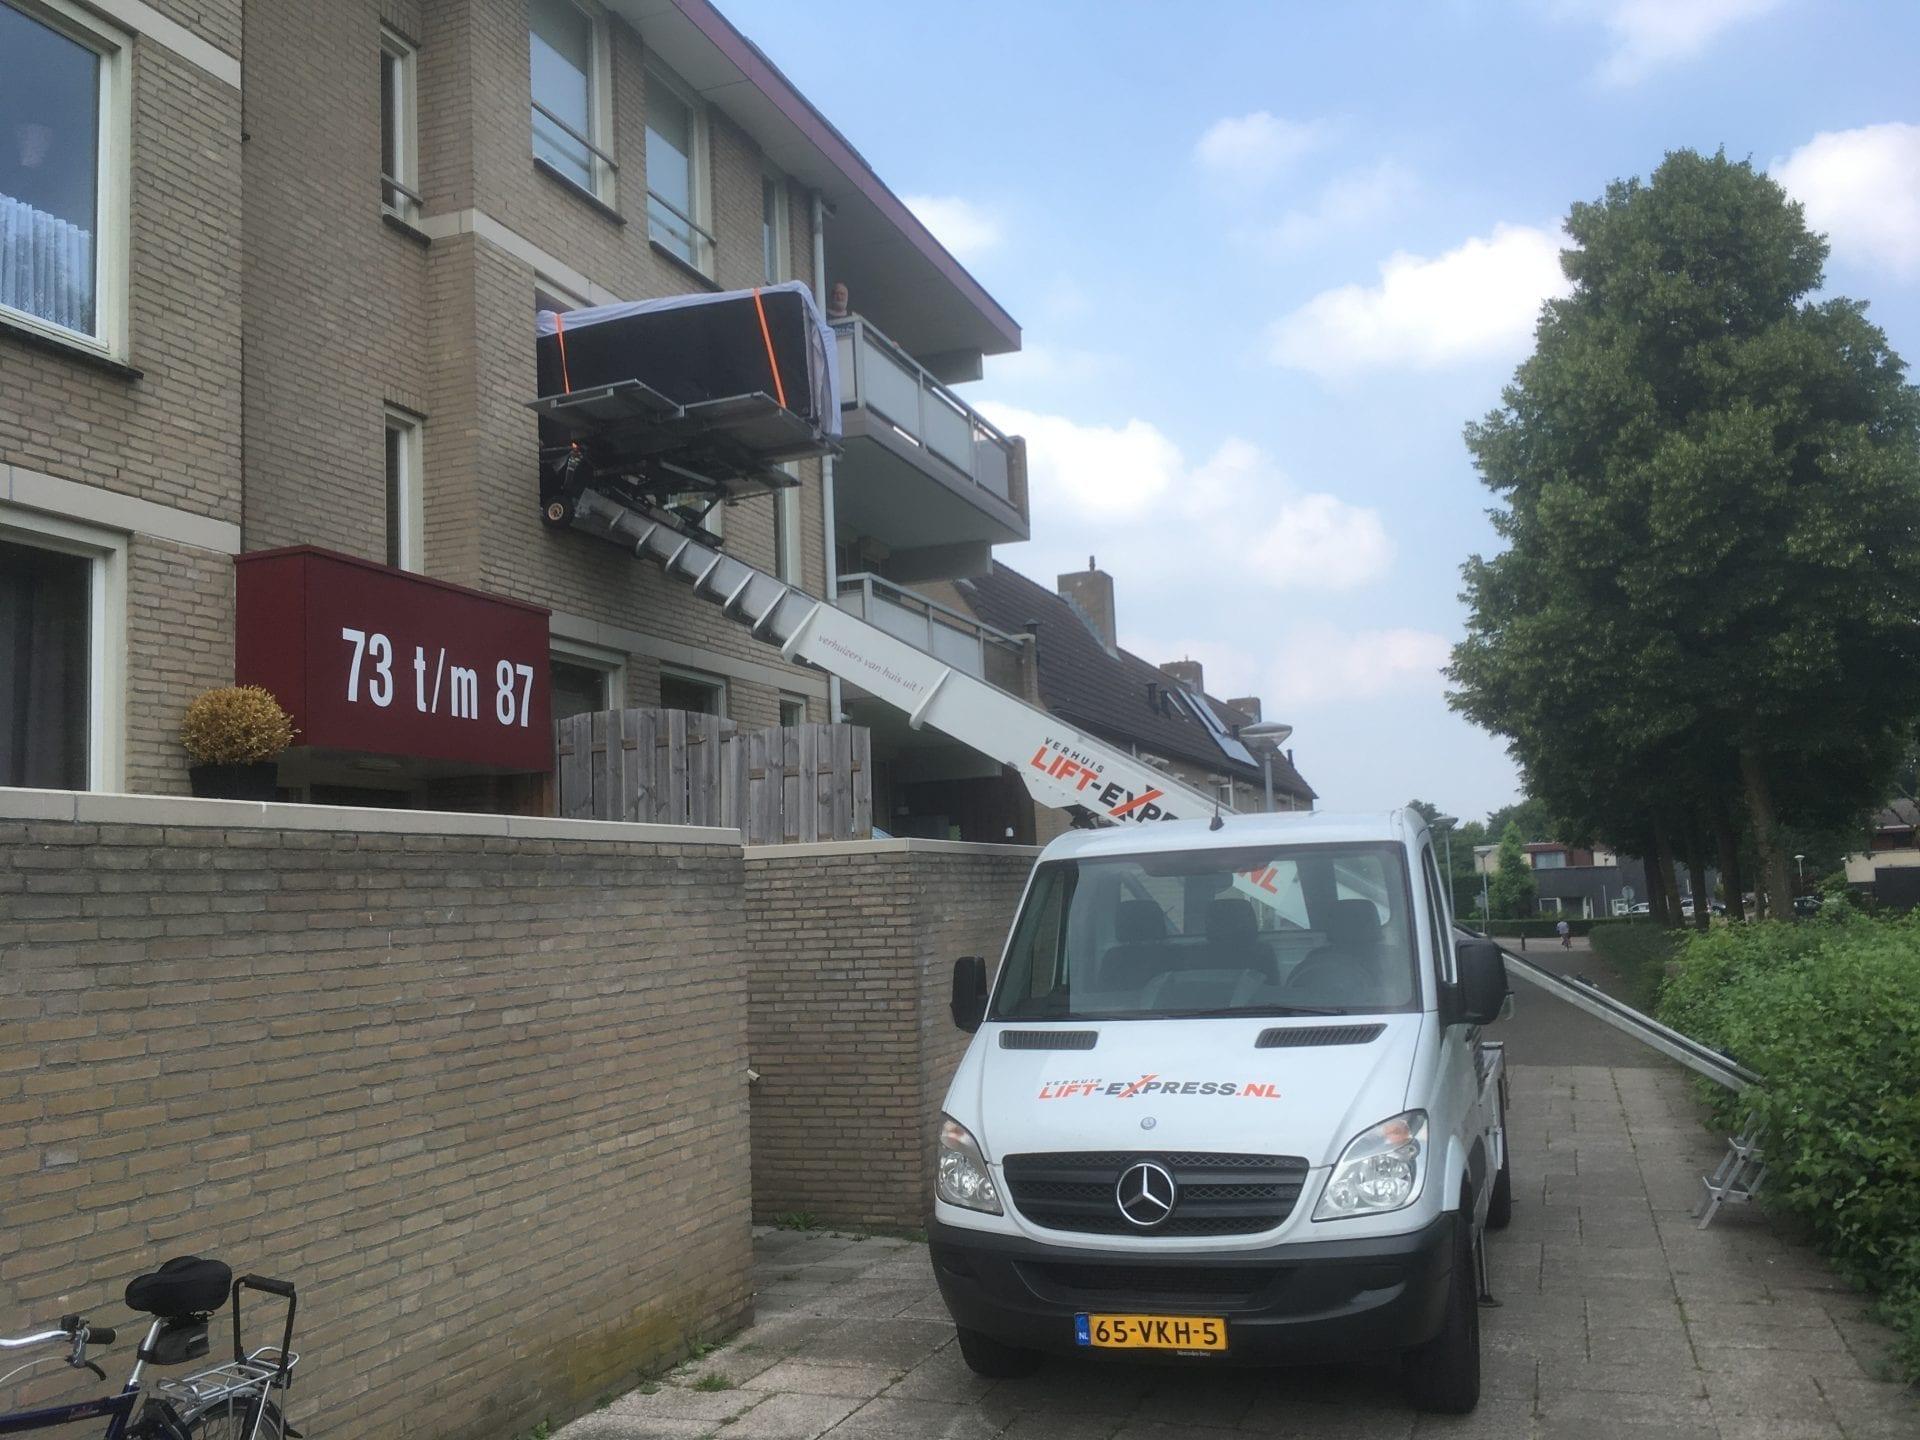 Verhuislift Venlo-Blerick Op den Akker